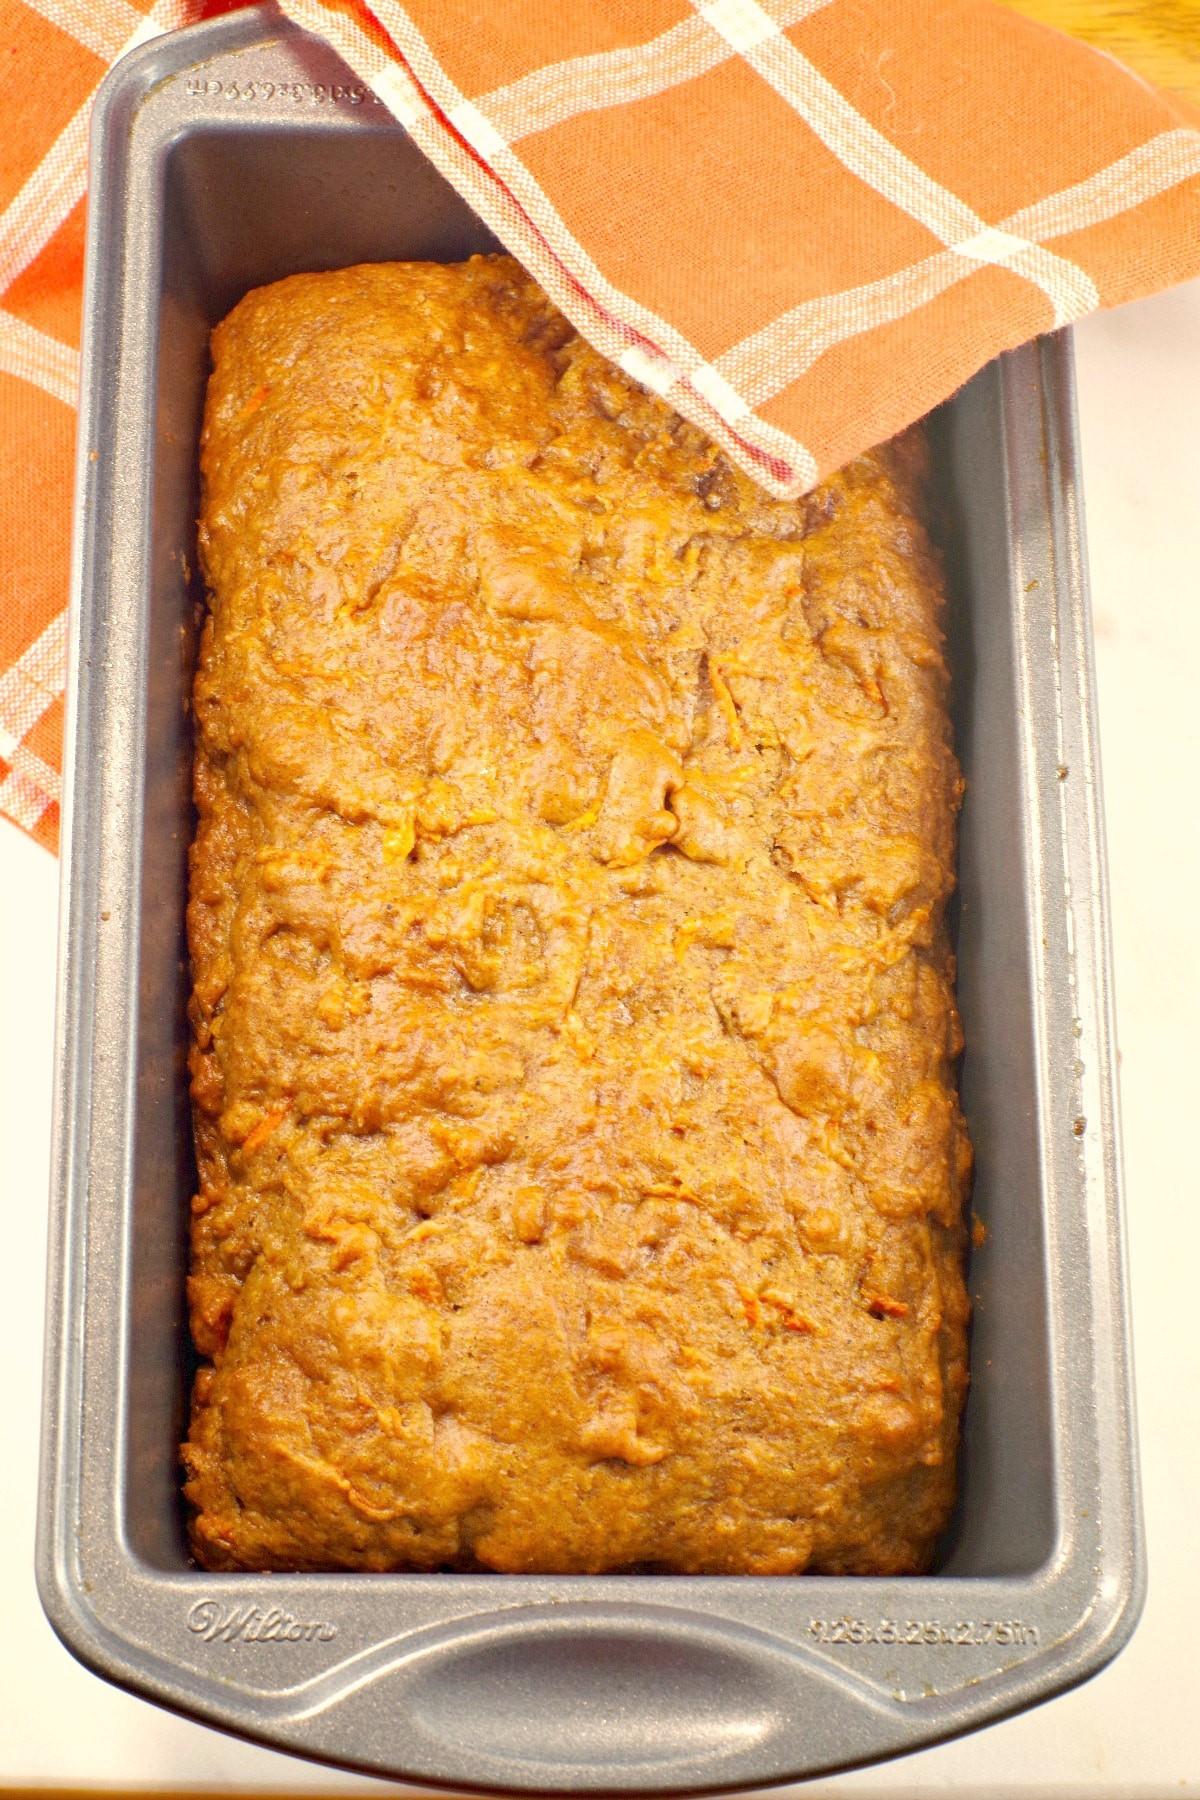 Carrot Bread Recipe Healthy  Healthy Carrot Loaf Recipe breakfast idea Food Meanderings